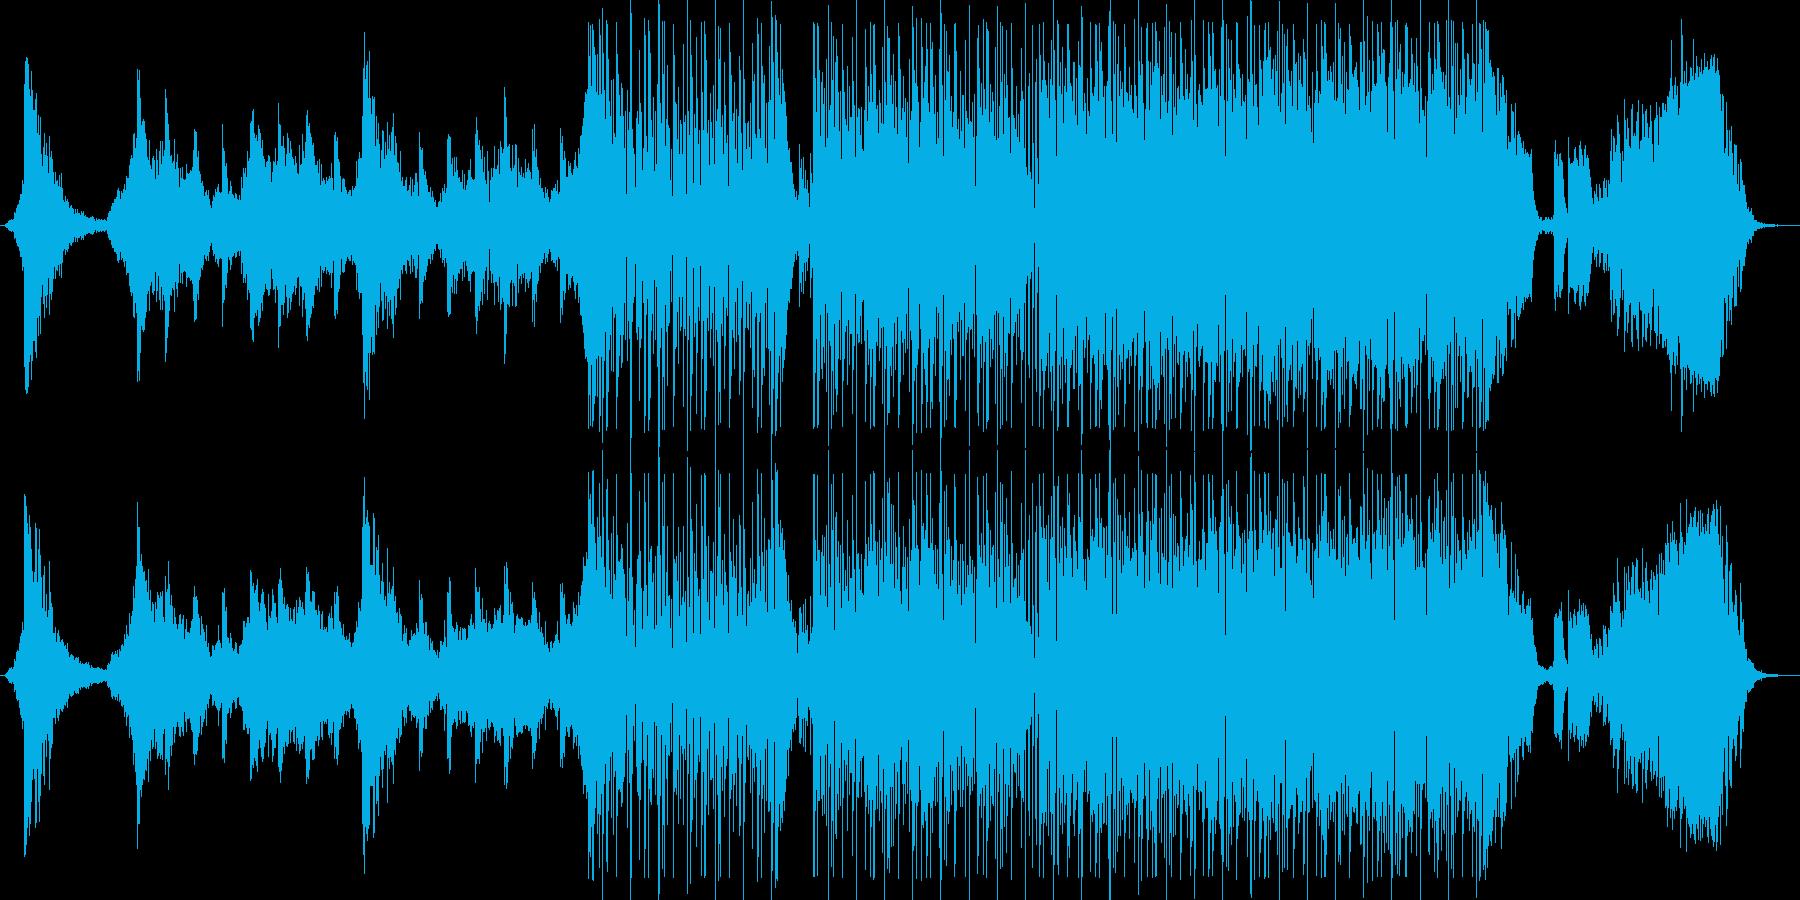 鬼気迫るベースミュージックの再生済みの波形